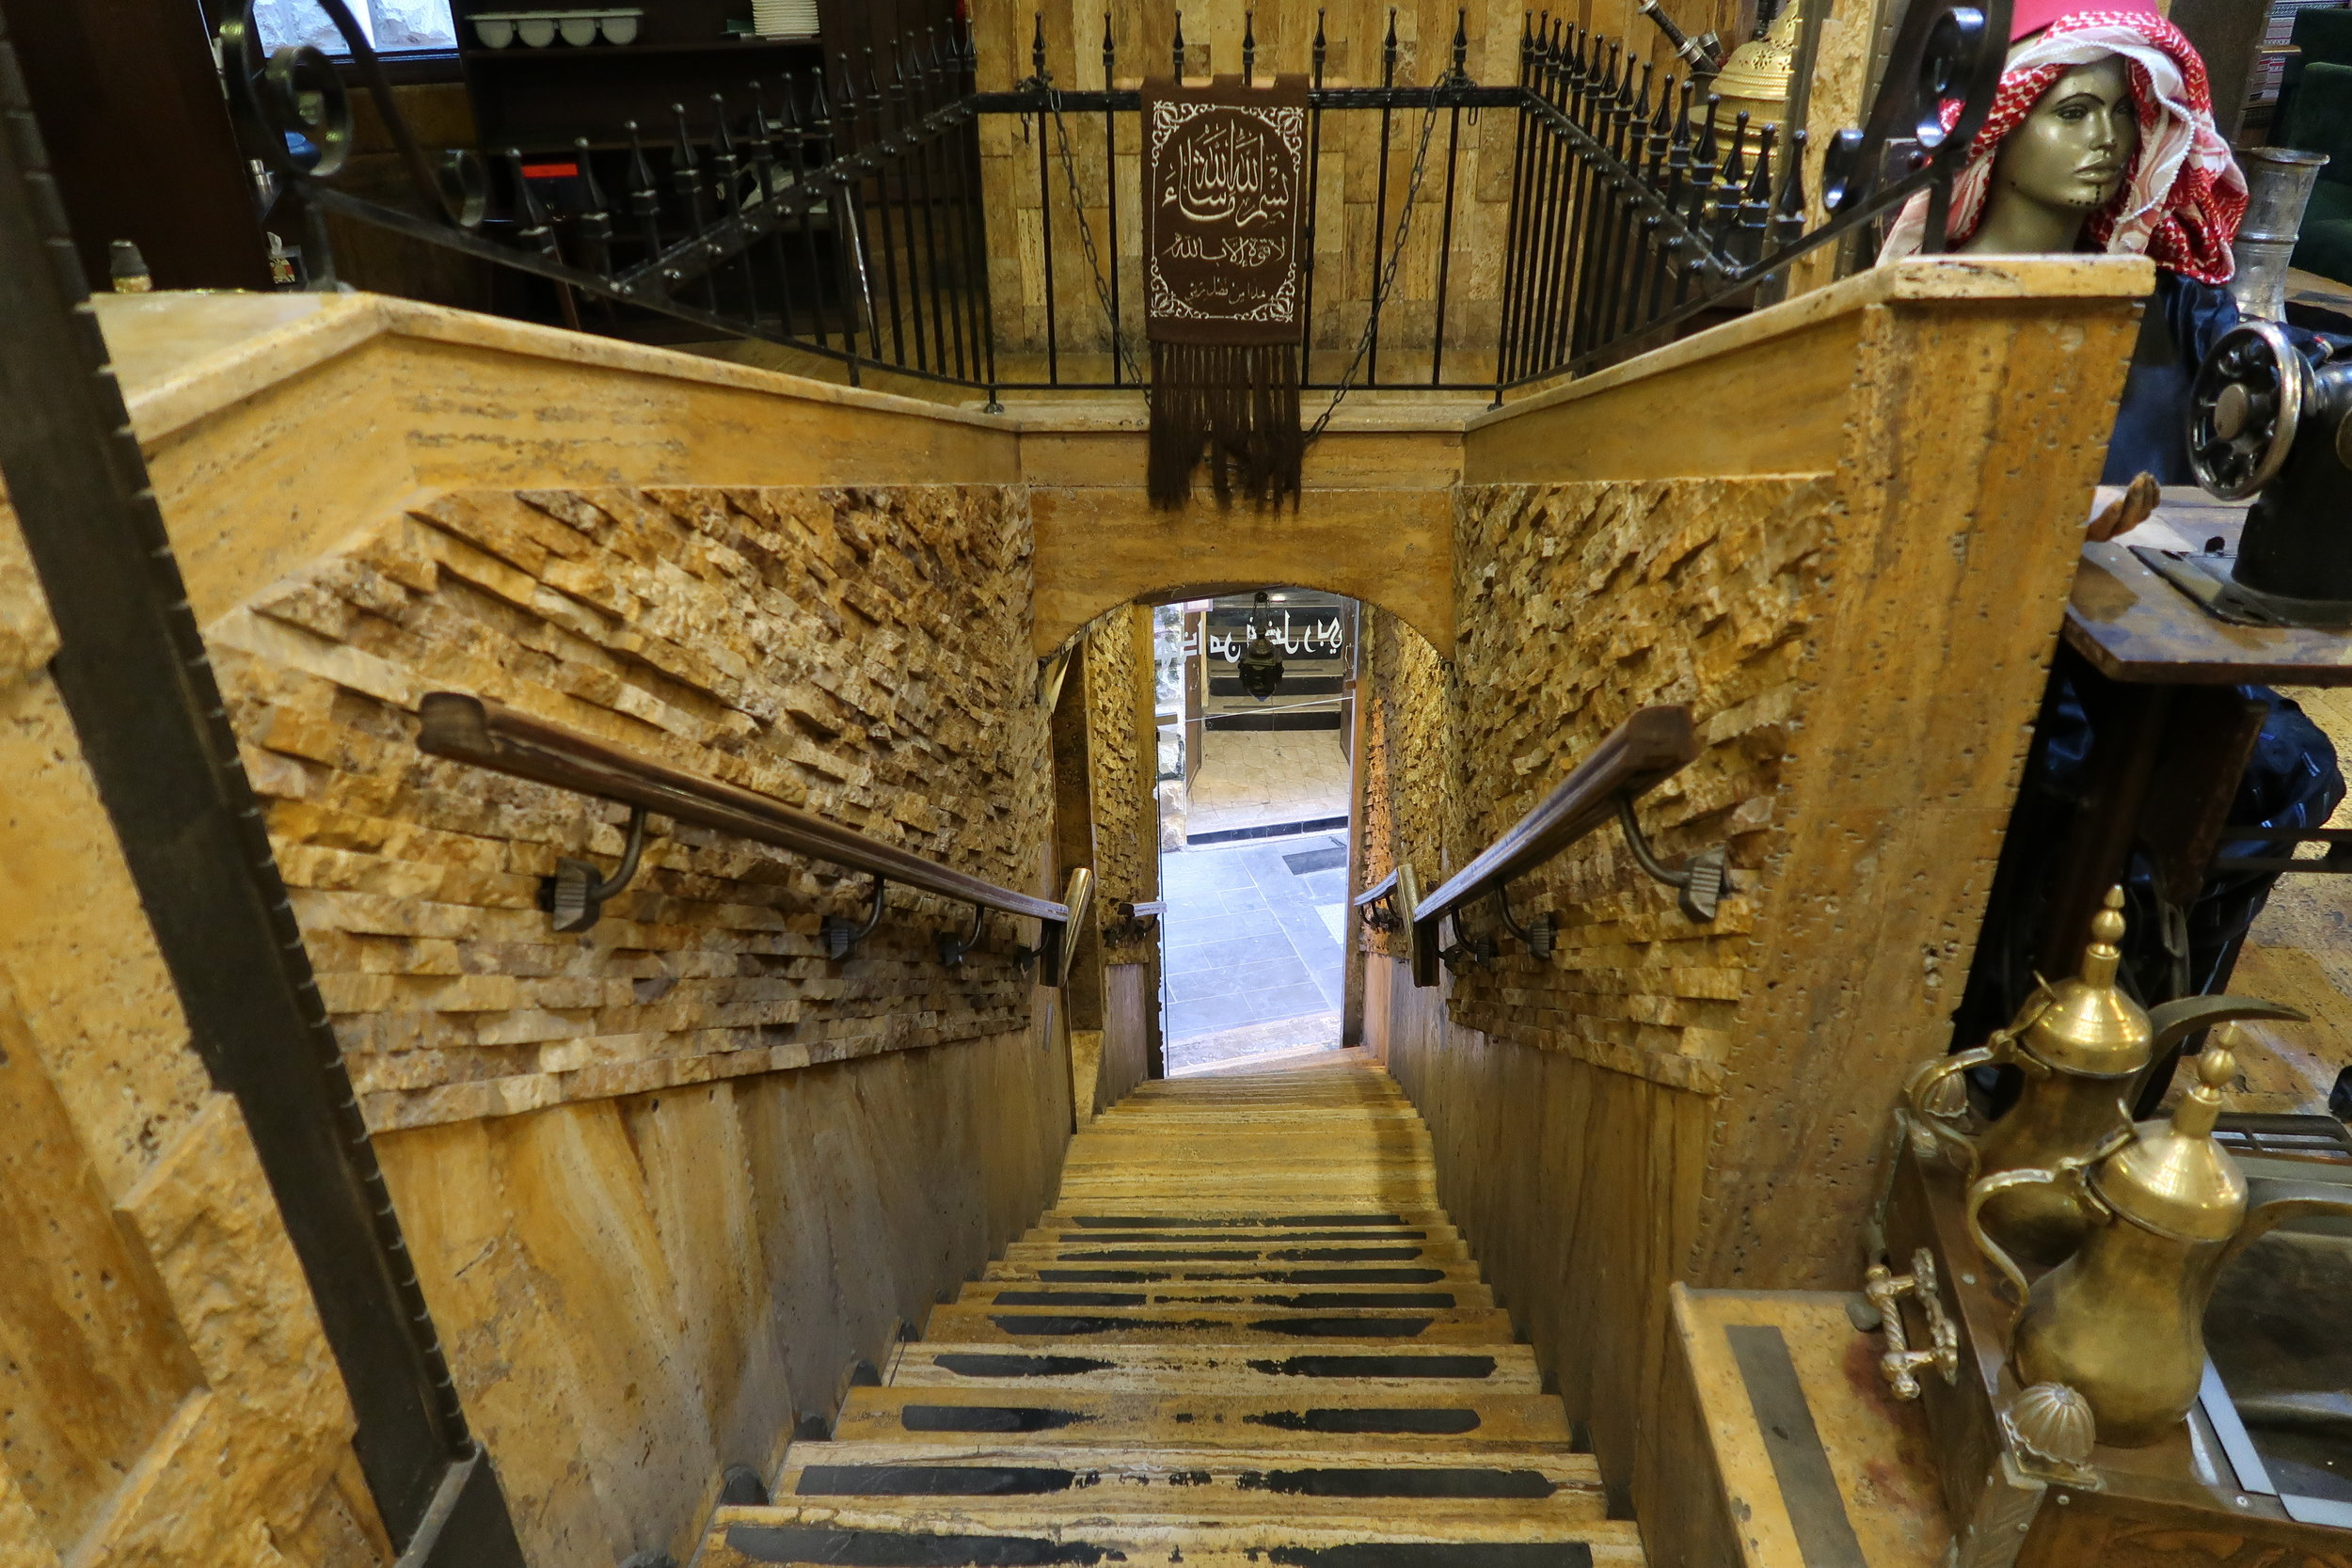 咖啡馆的入门台阶